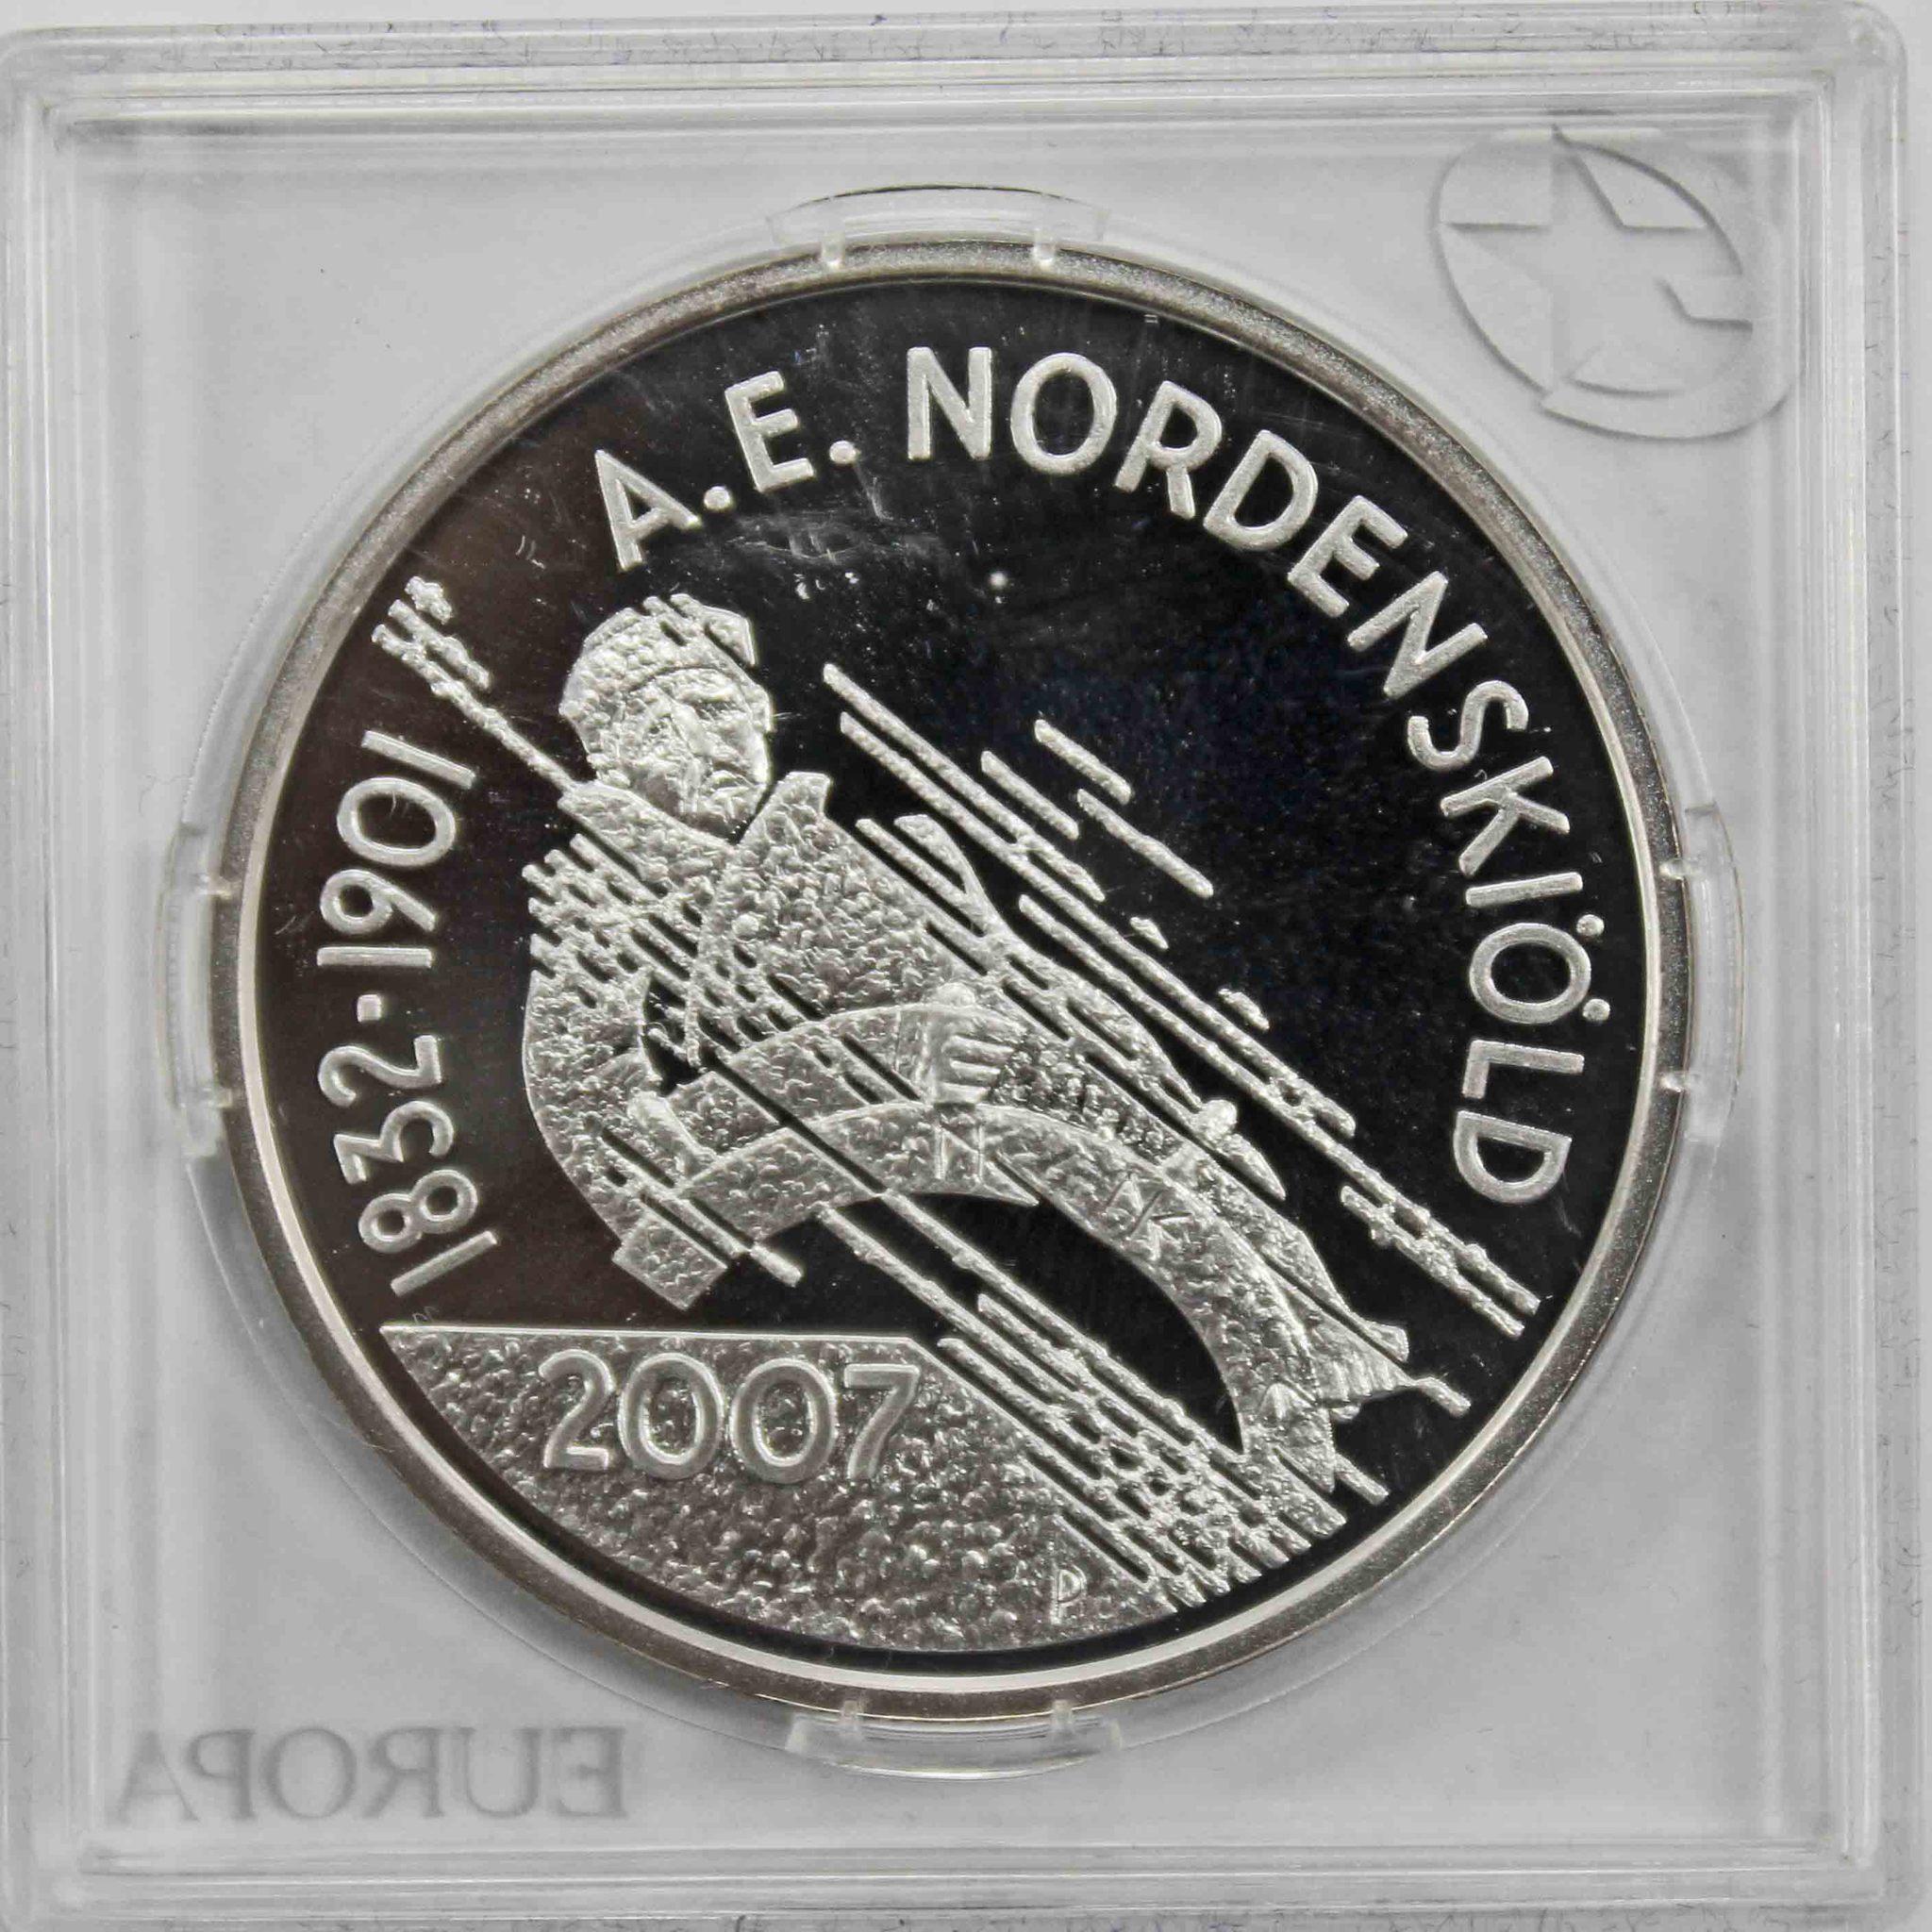 10 евро. 175 лет со дня рождения Адольфа Эрика Норденшёльда. Финляндия. 2007 год. Серебро. PROOF